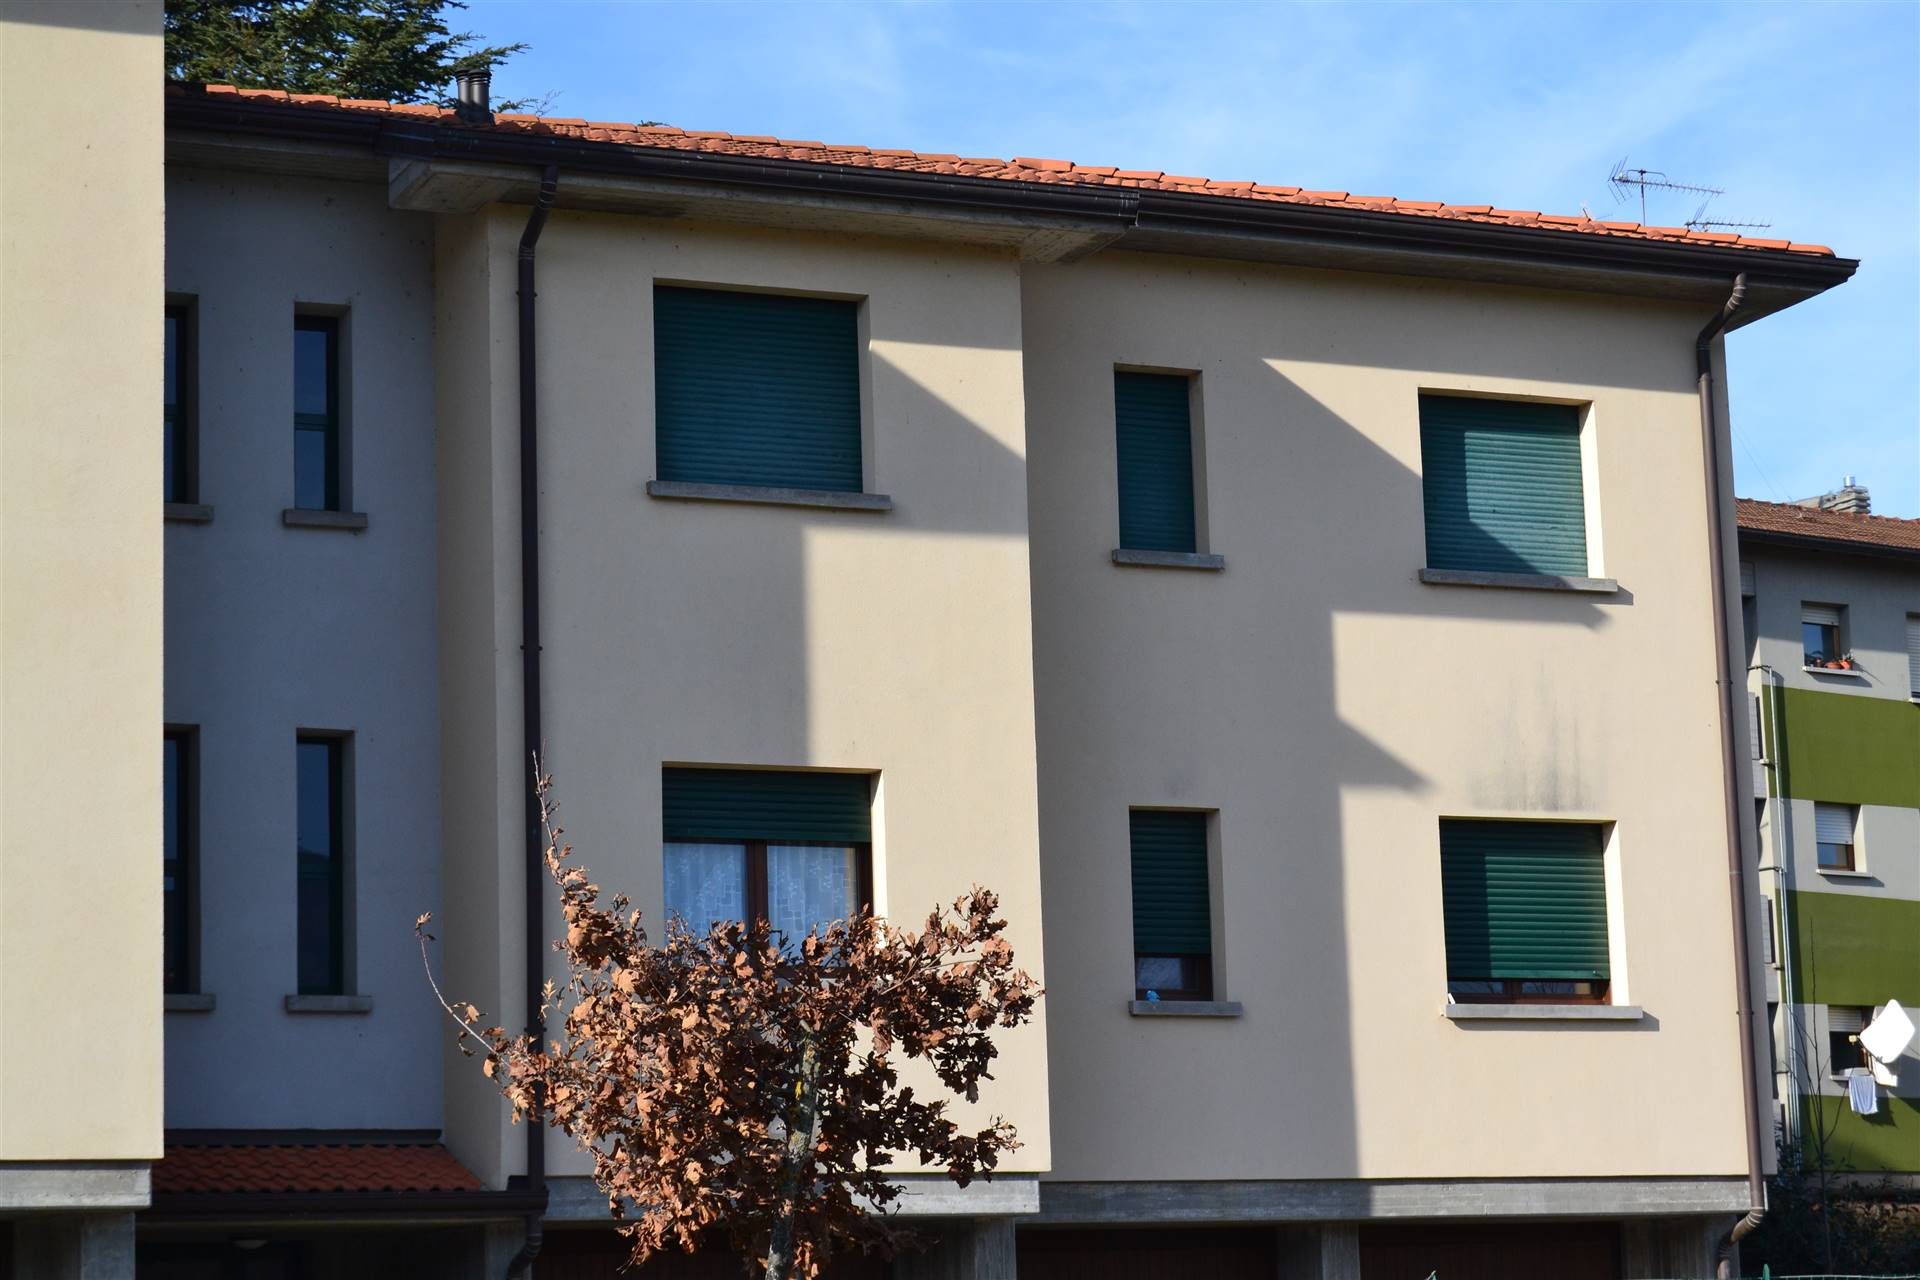 Appartamento in vendita a Grizzana Morandi, 4 locali, zona Zona: Pian di Setta, prezzo € 115.000 | CambioCasa.it